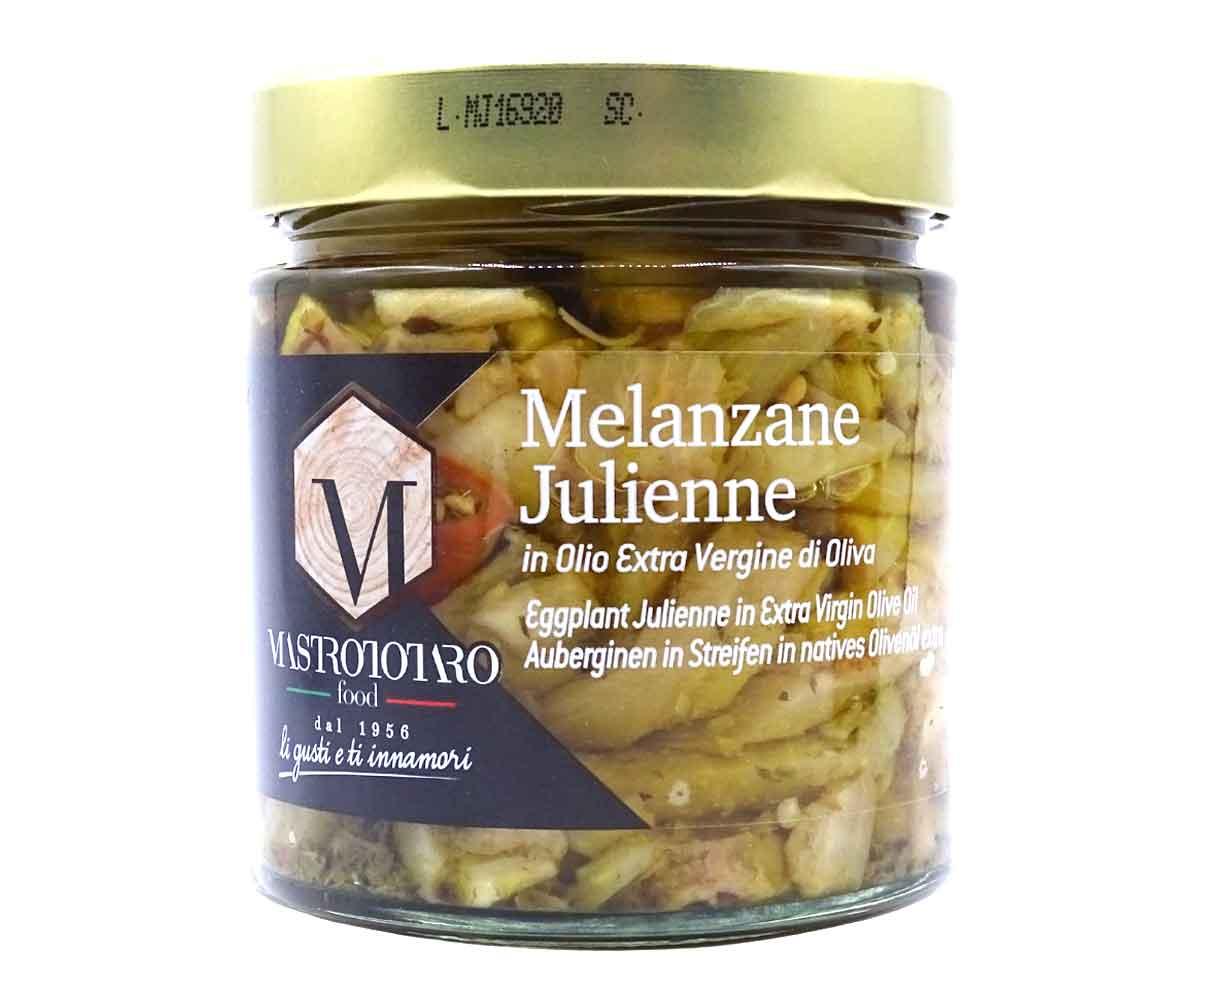 Melanzane julienne sott'olio Mastrototaro 370gr